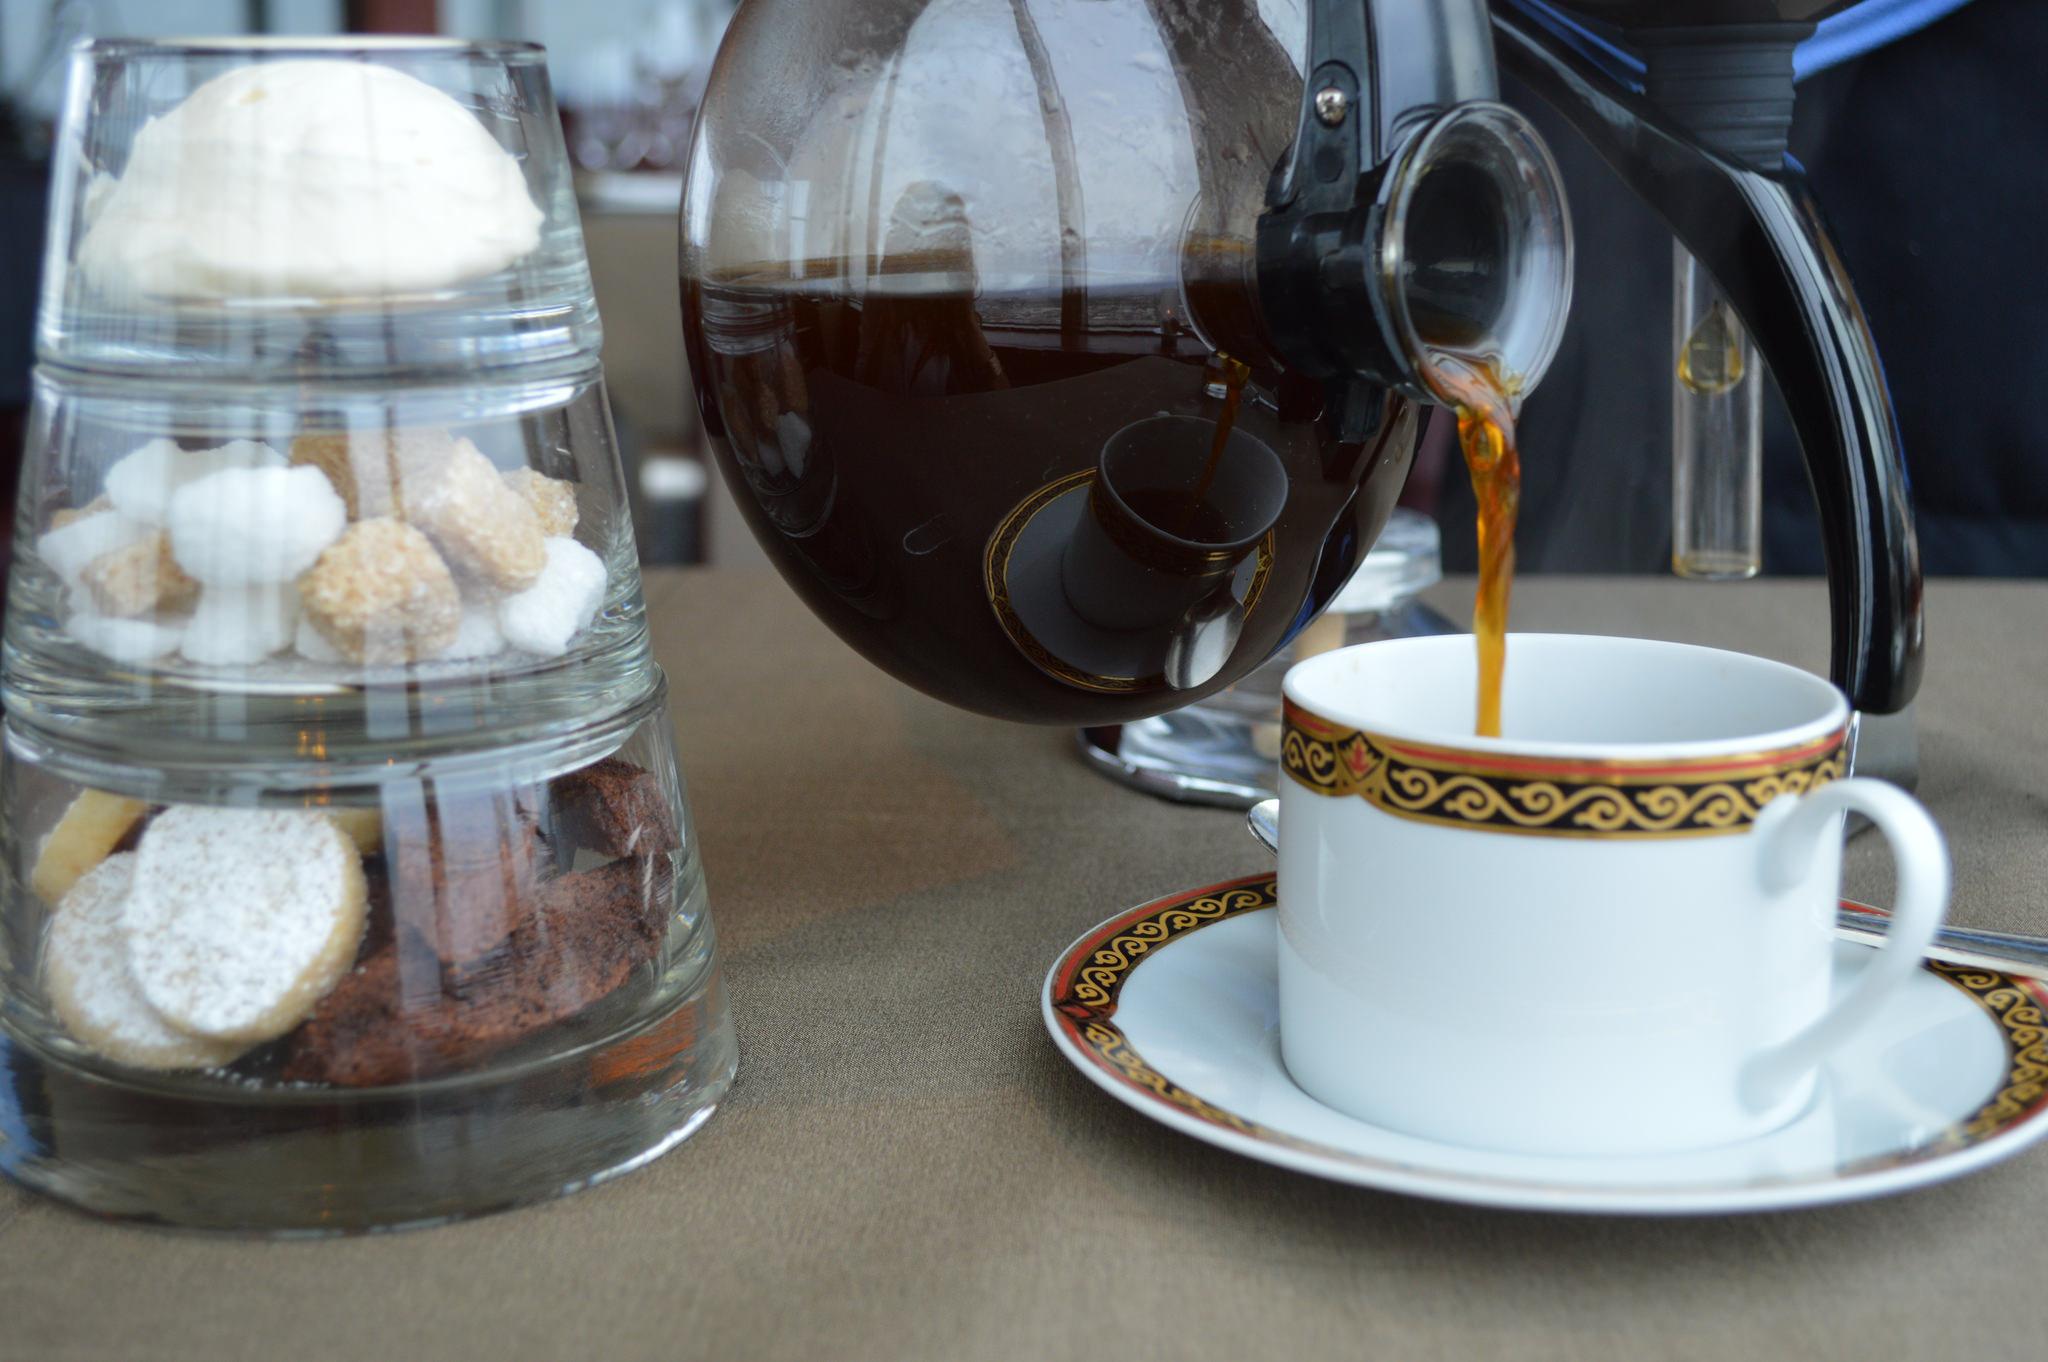 Alizé coffee service